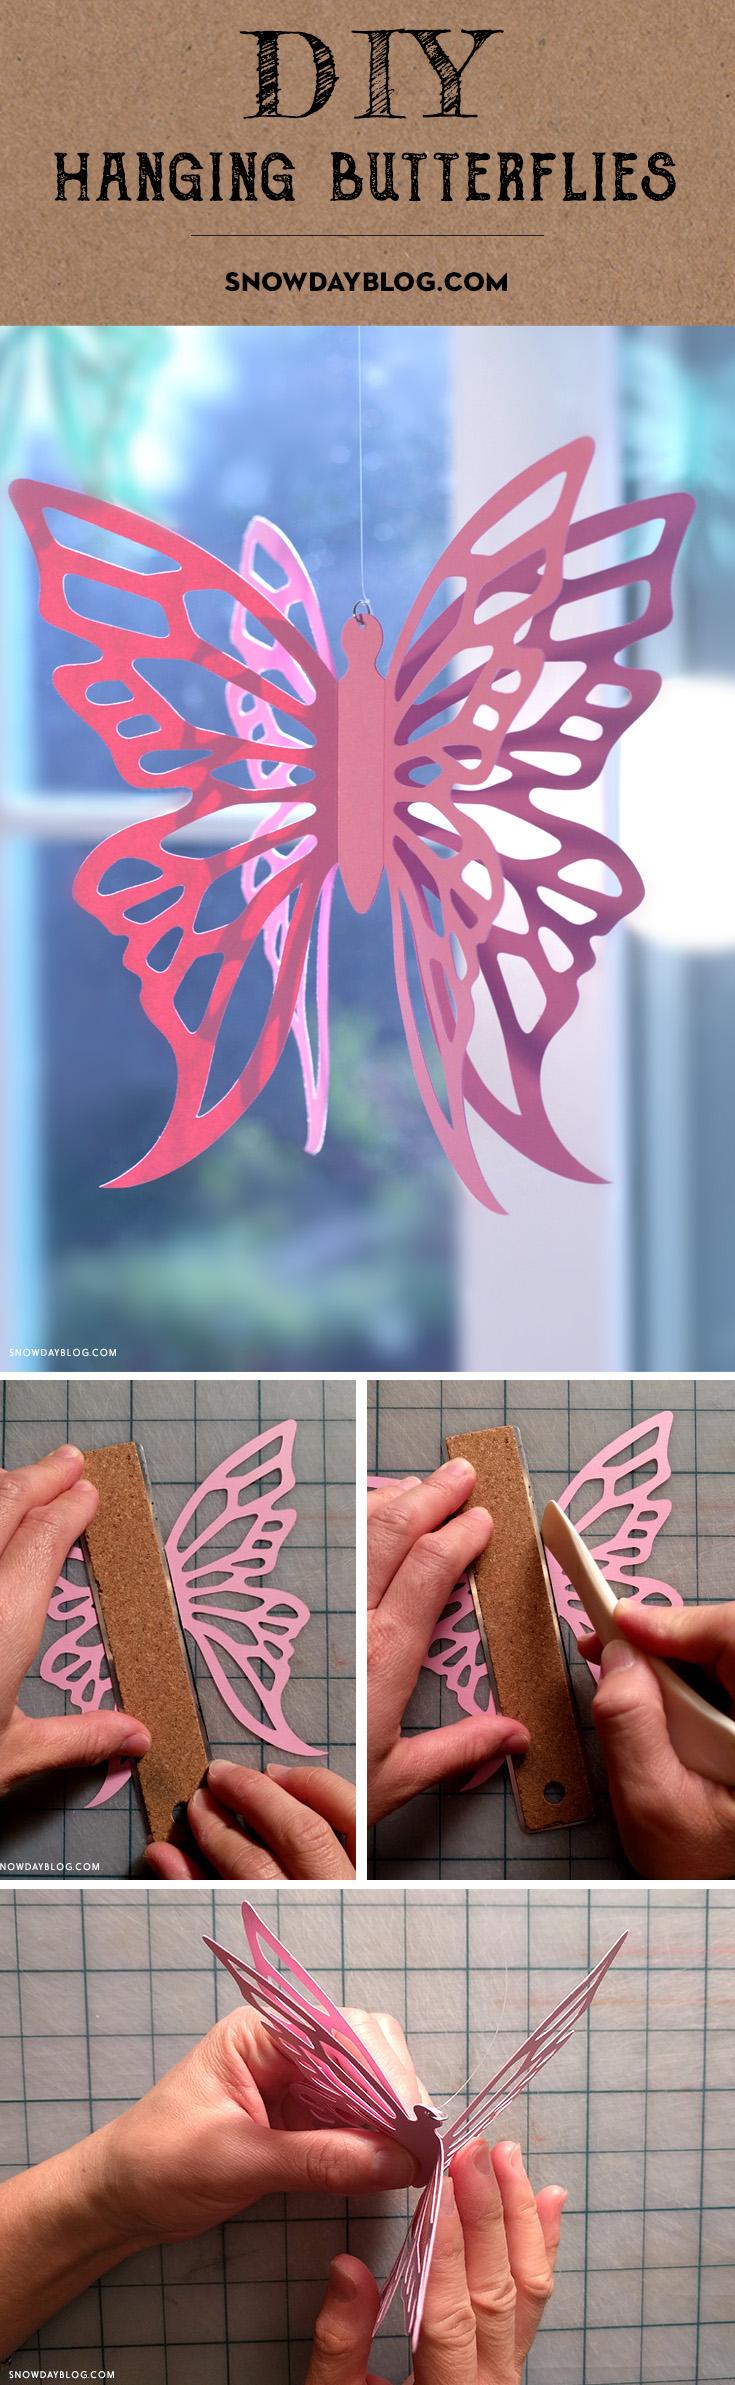 Hanging Butterflies Pinterest Pink